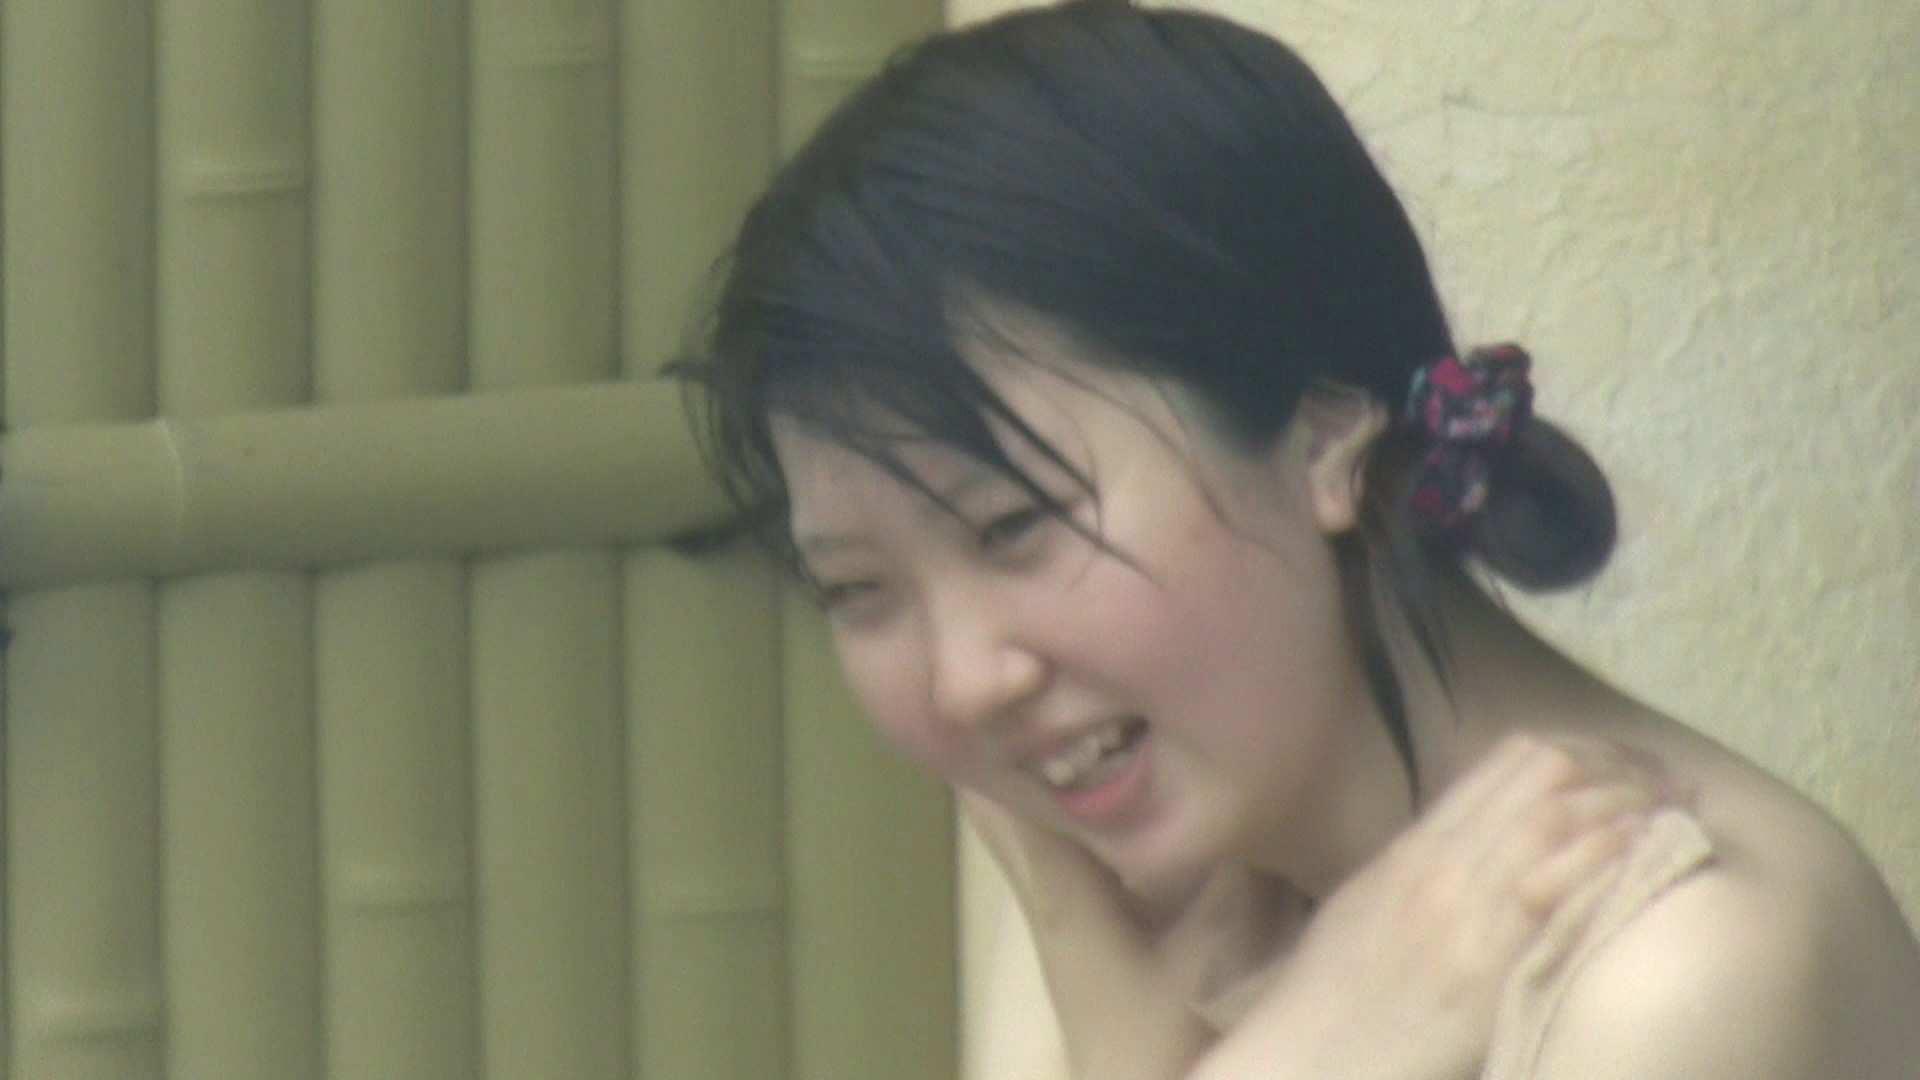 Aquaな露天風呂Vol.128 OLハメ撮り  113Pix 66